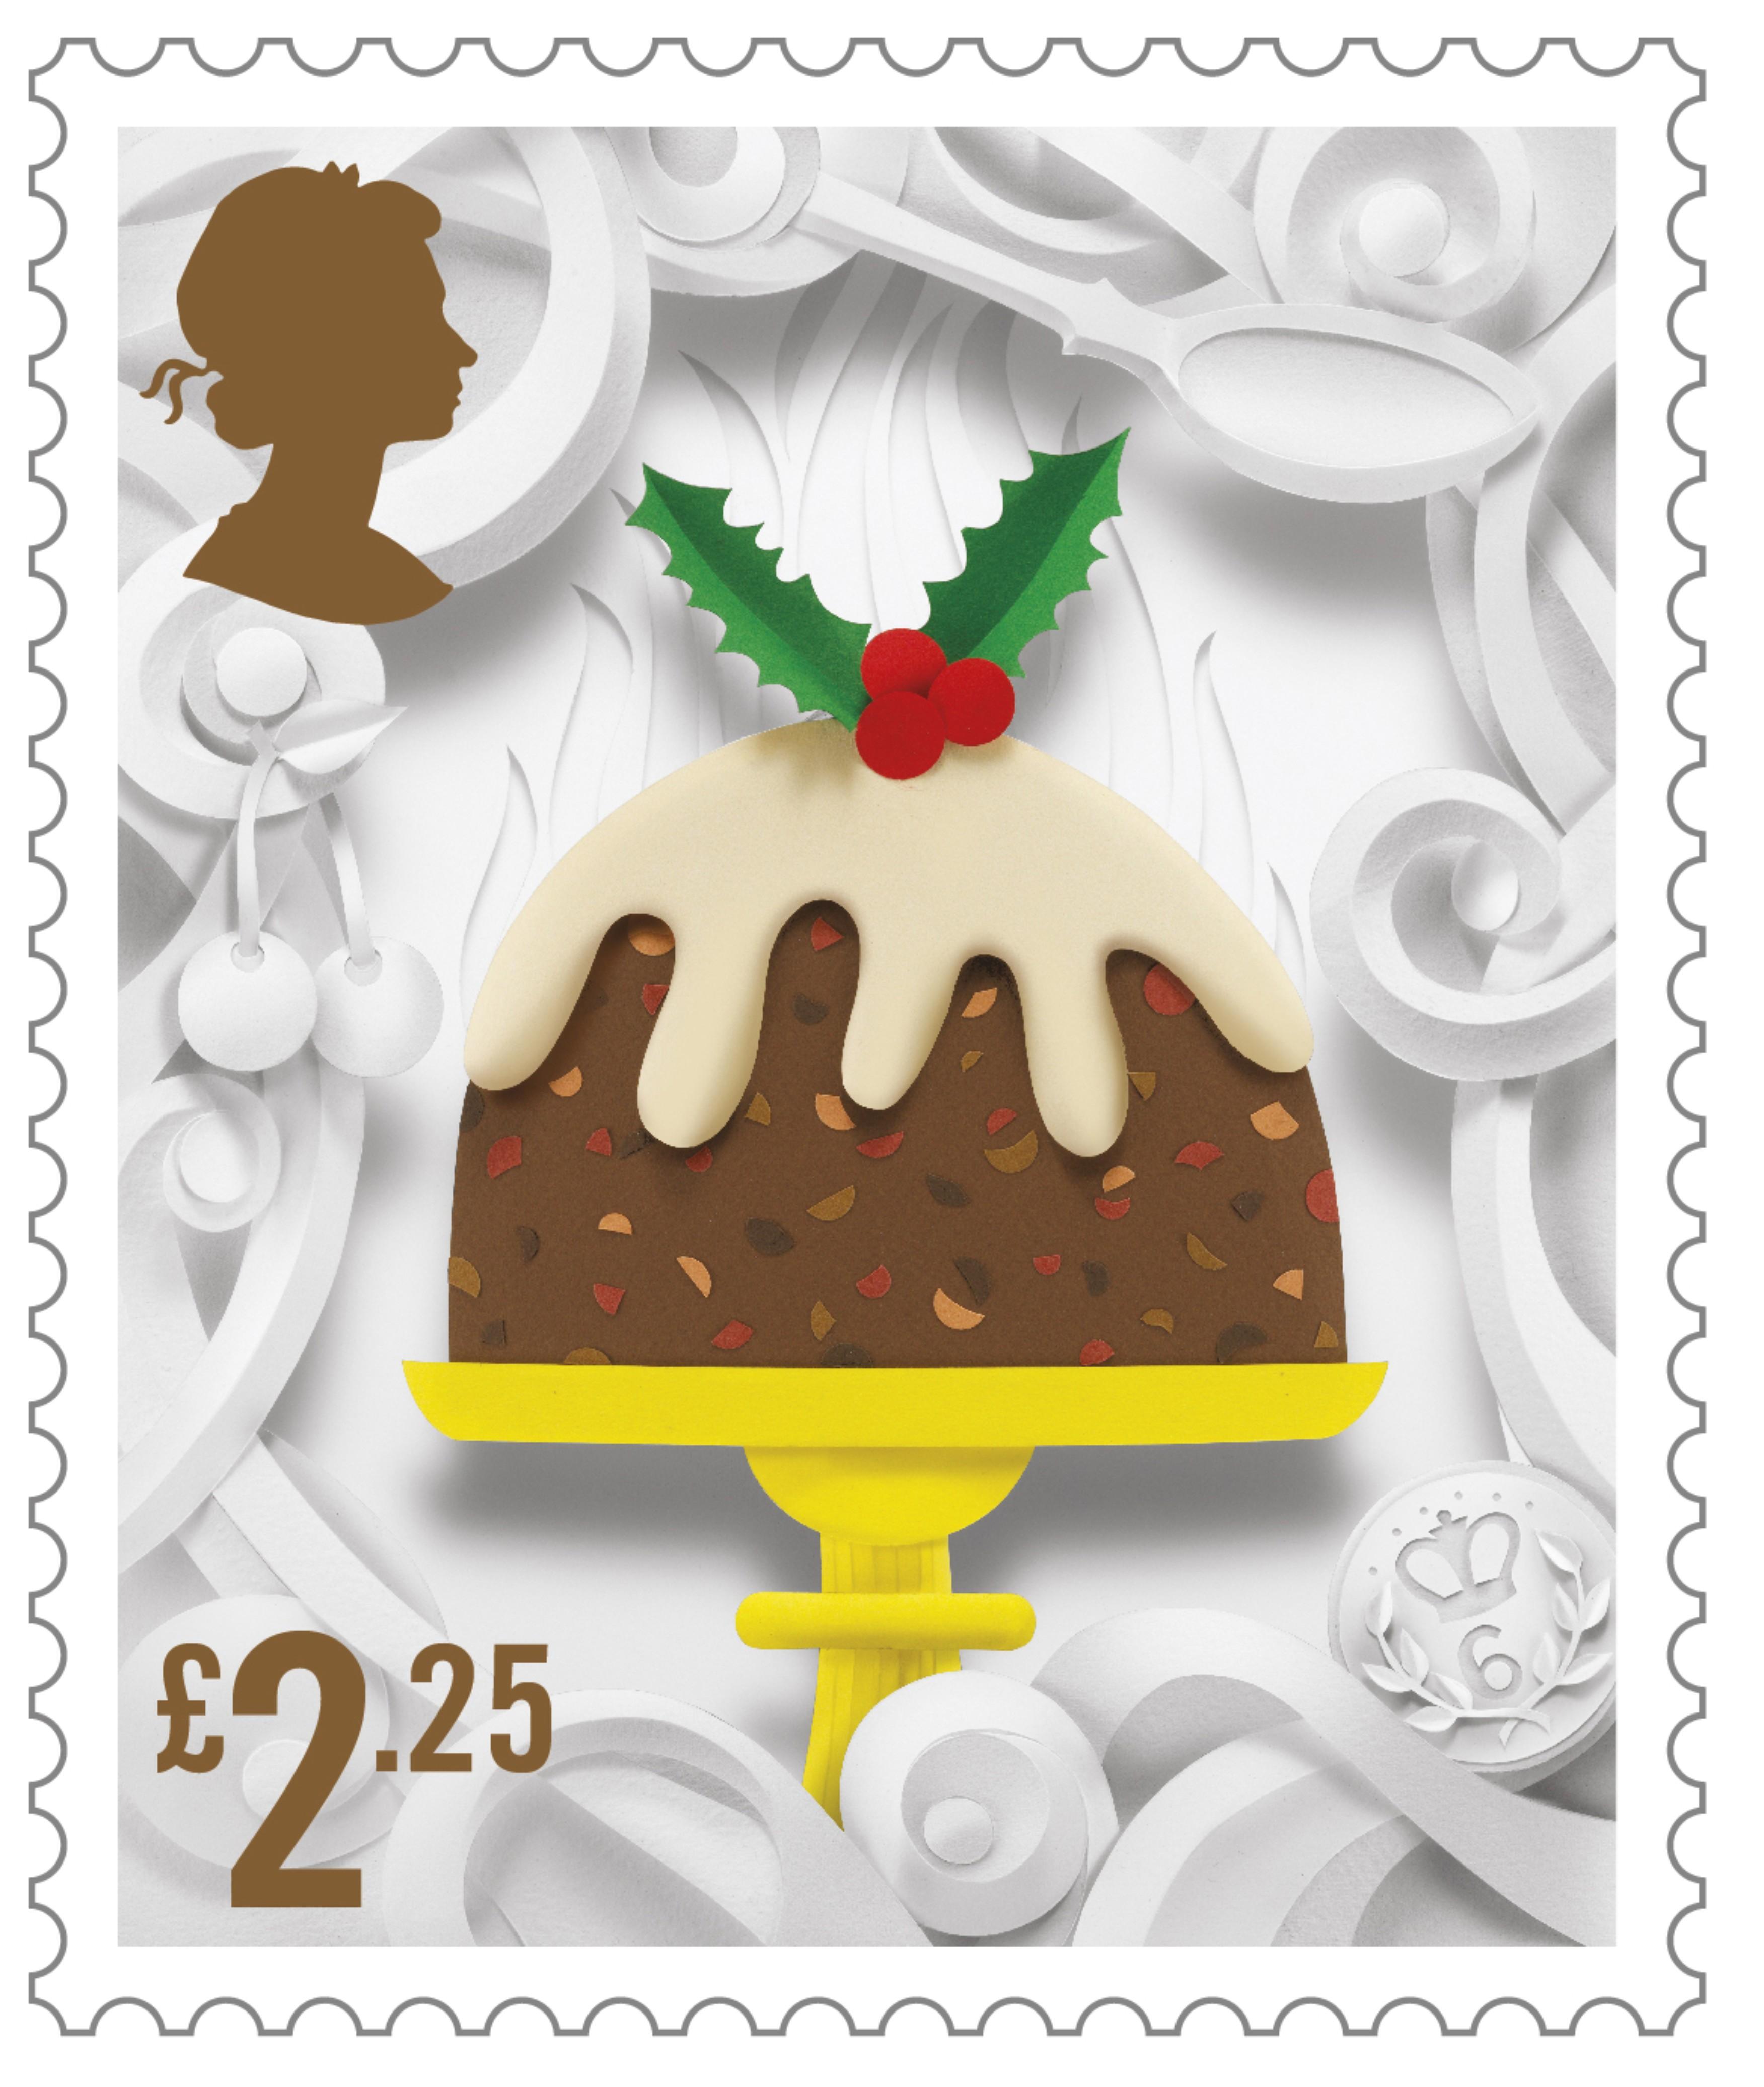 christmas-2016-u2-25-400-stamp